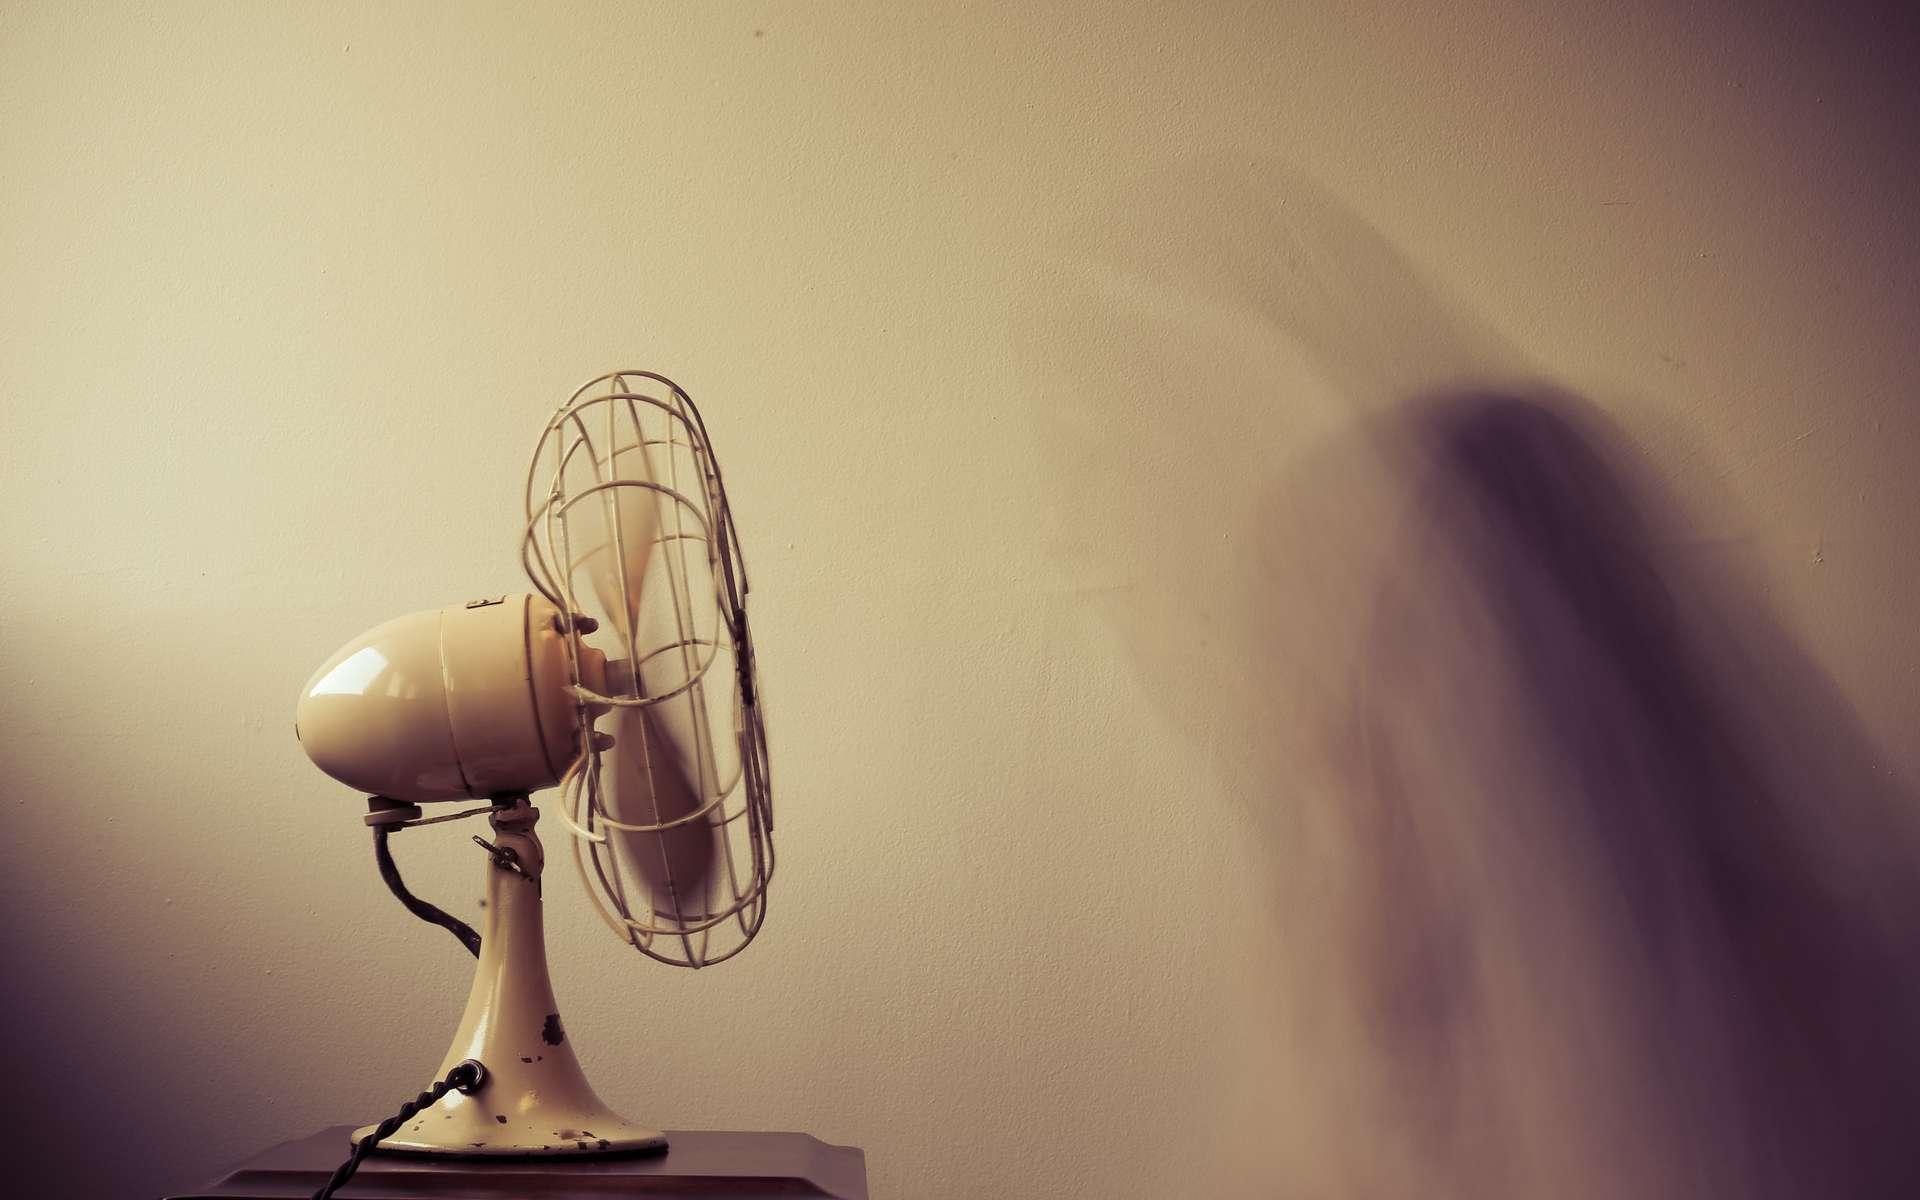 Bon plan French Days Cdiscount : les meilleures offres sur les ventilateurs © Ava Sol, Unsplash